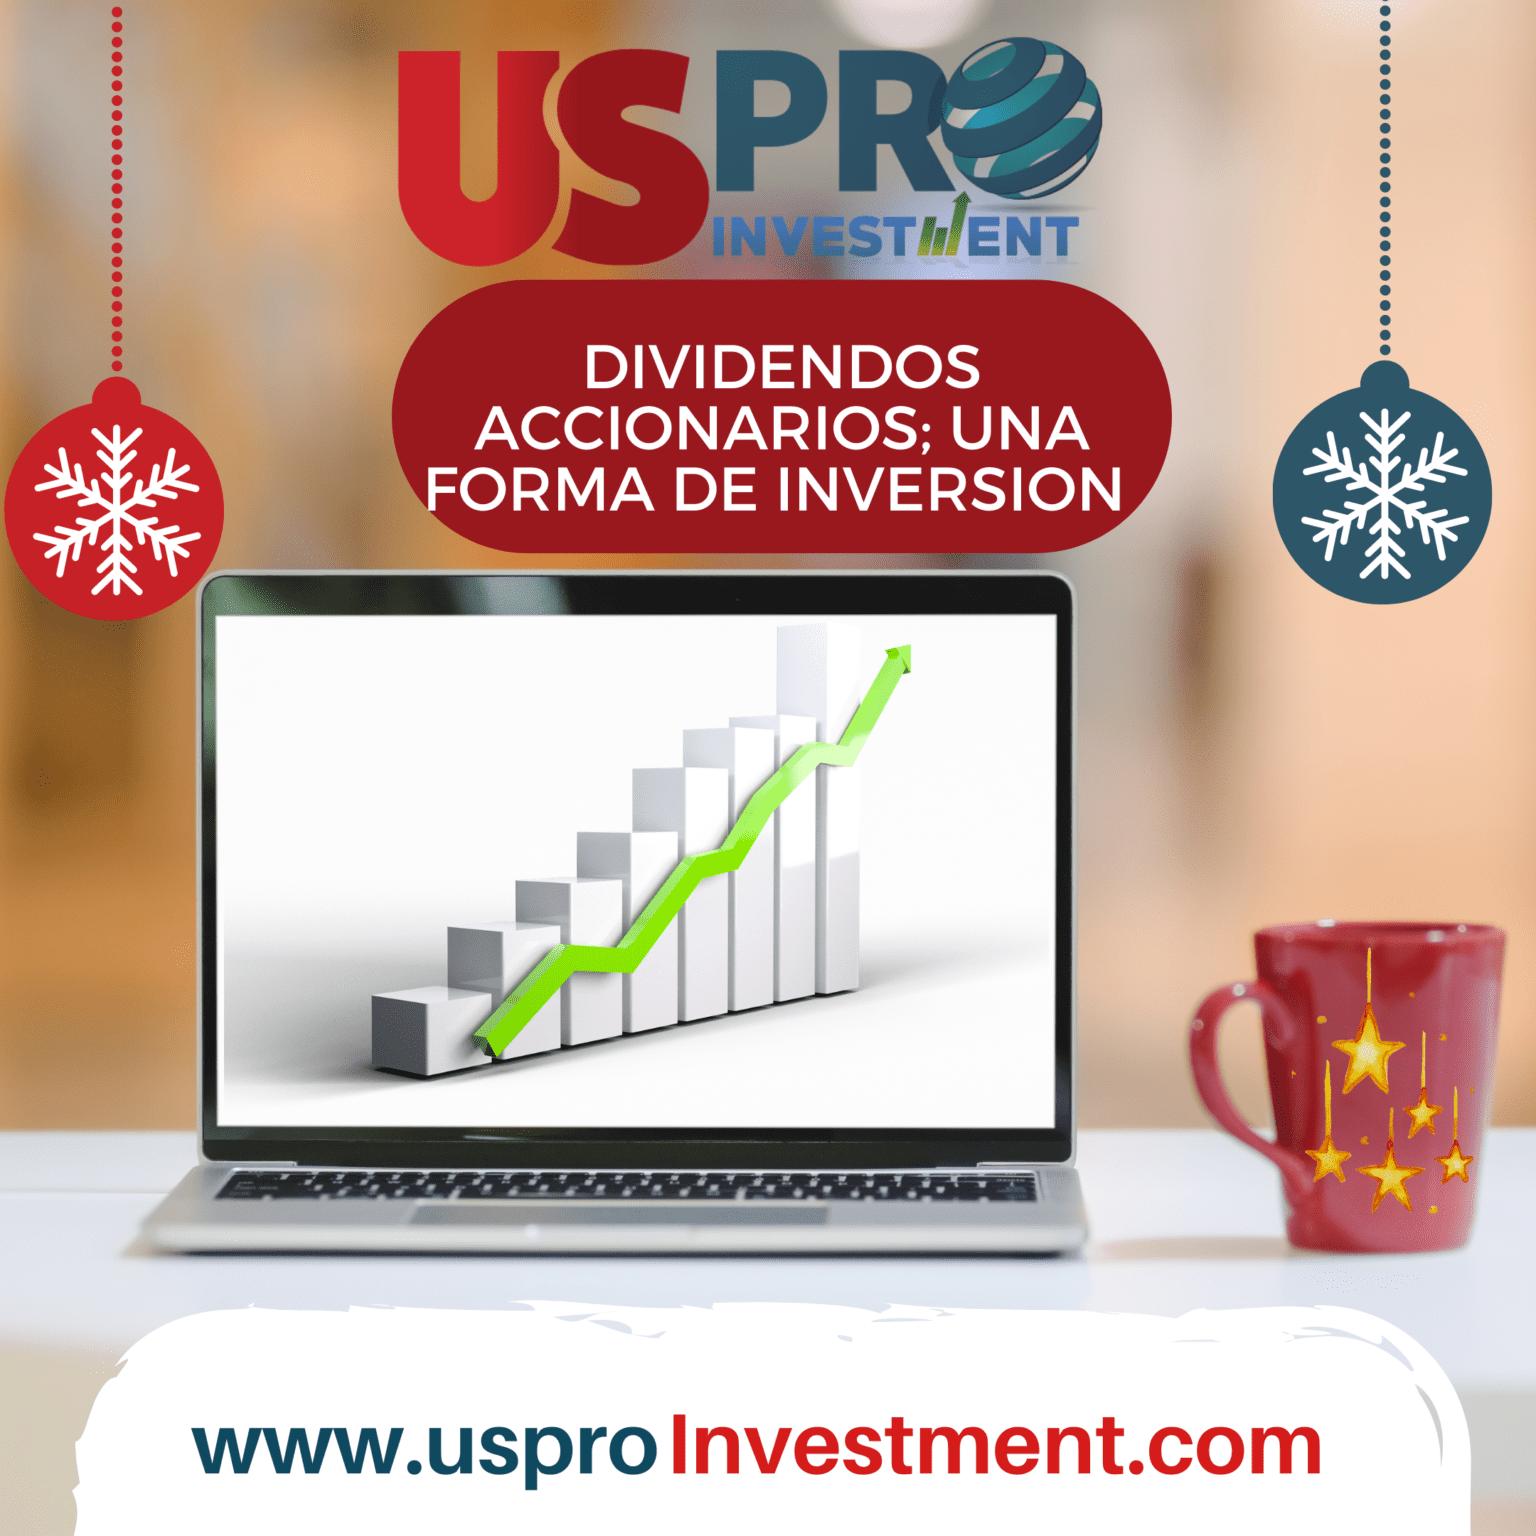 (Usproinvestment) La formación es muy necesaria para quienes desean invertir y seguir formándose e informándose, ya sea una vez que se conozcan o no los procesos de inversión, tanto en la Bolsa de Valores o en cualquier otro tipo de inversiones. Podcasts 28